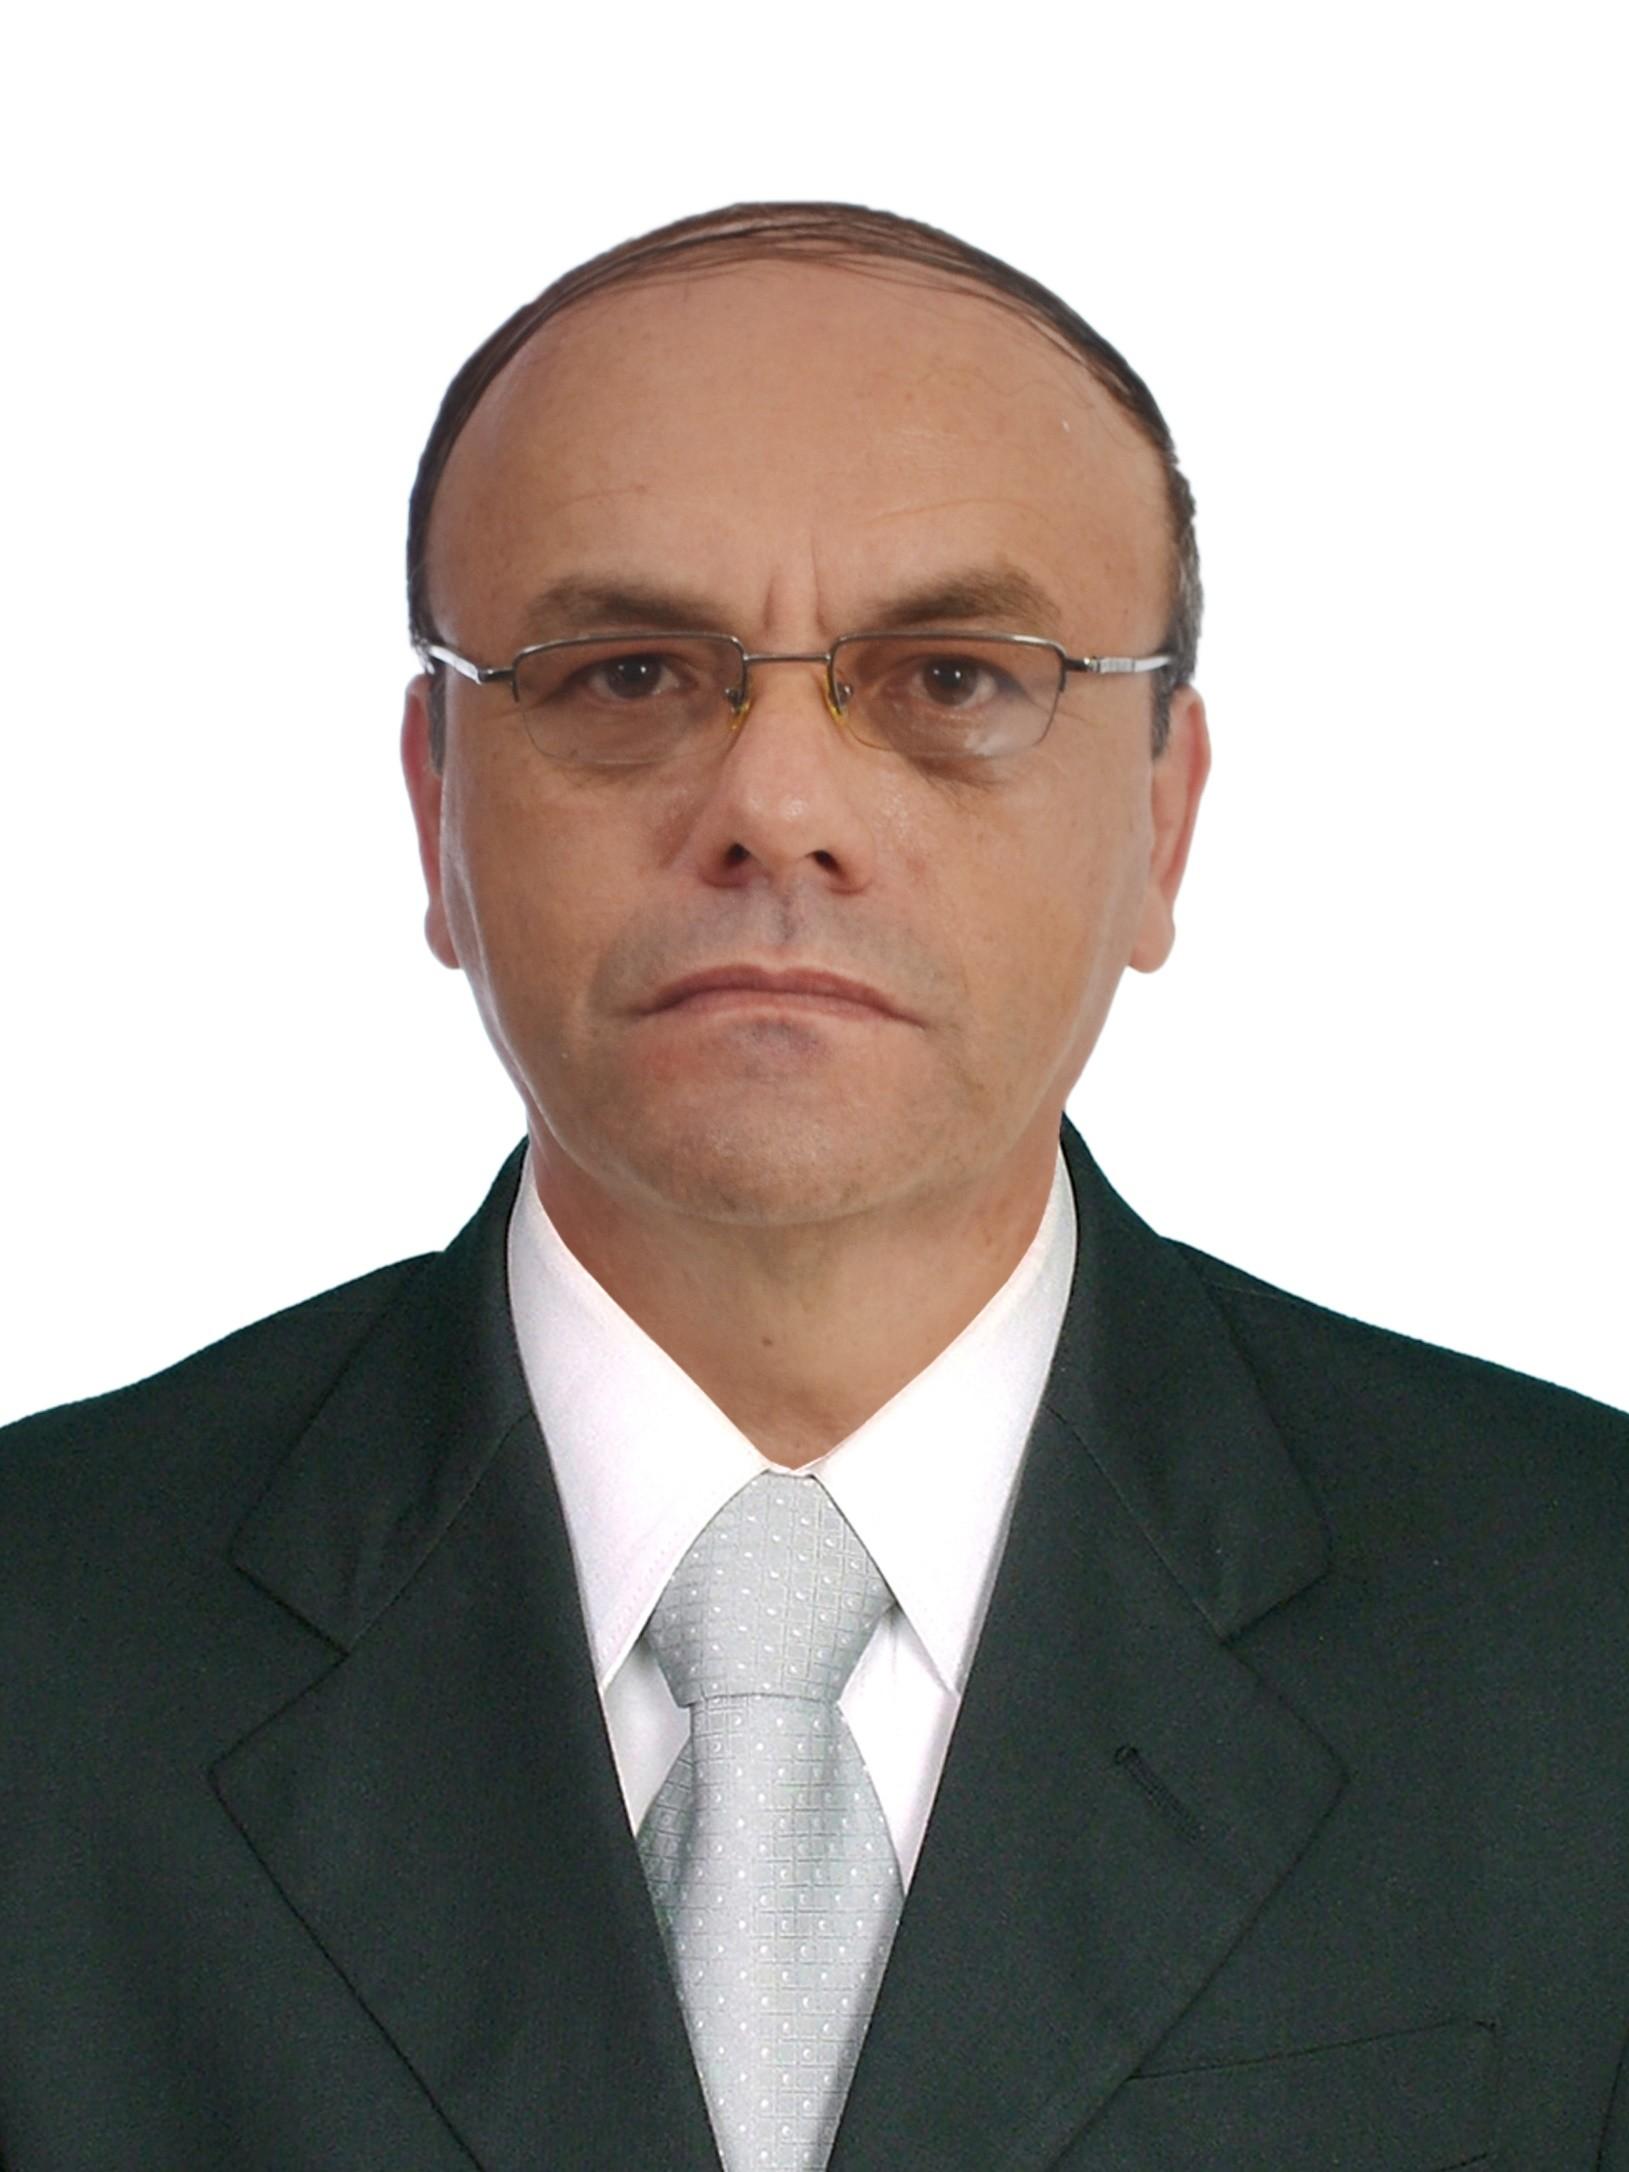 Lope Alberto Ciro López